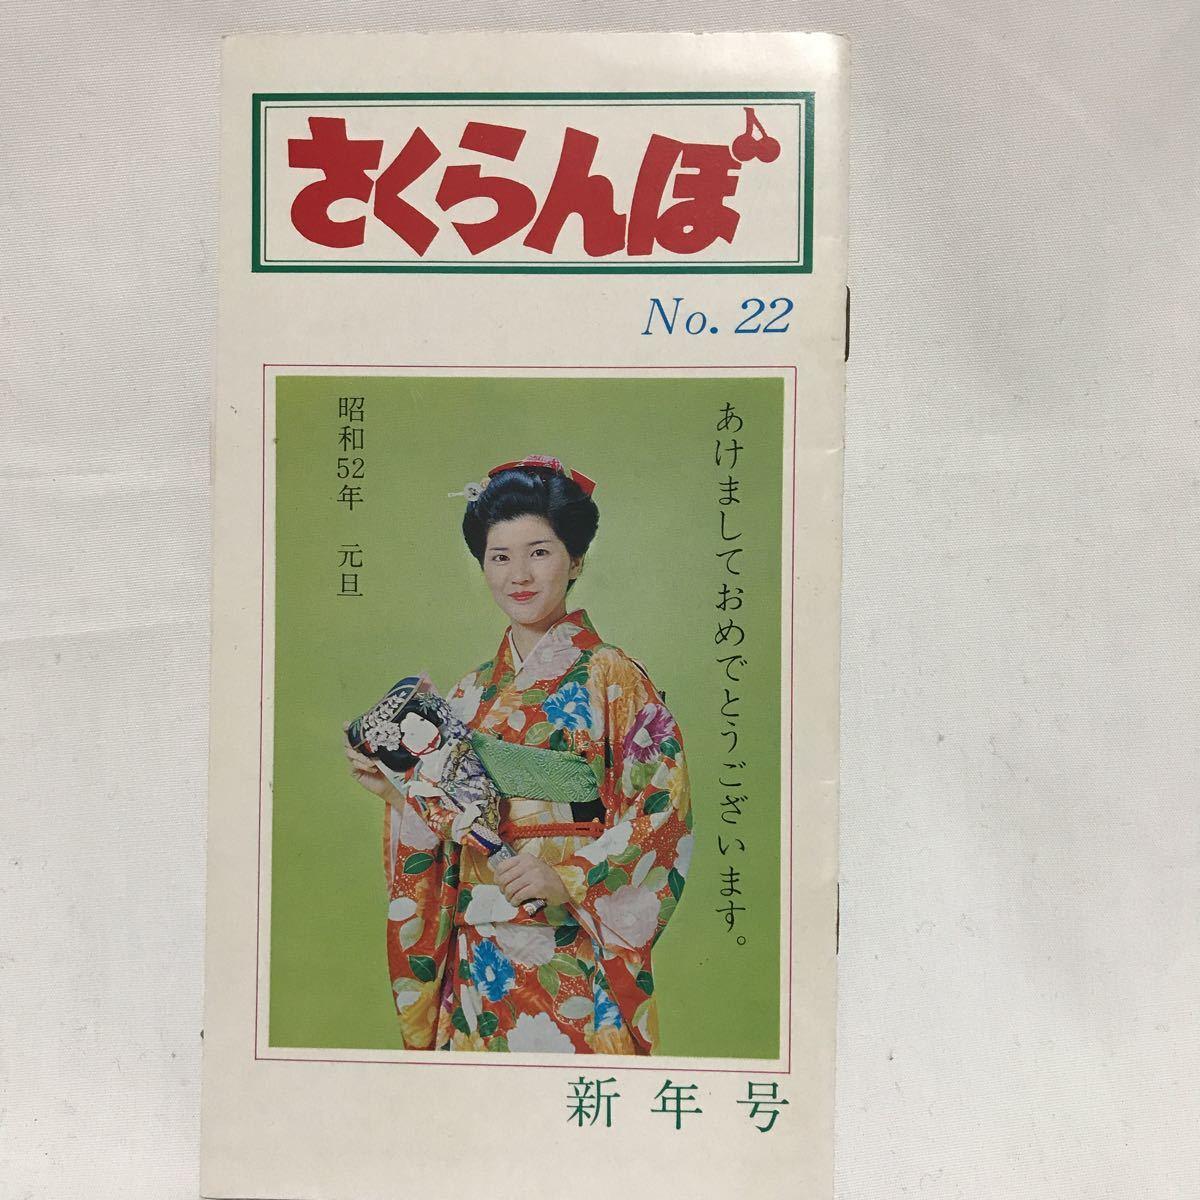 桜田淳子ファンクラブ会報誌/さくらんぼNo.22★昭和52年(1977年)発行